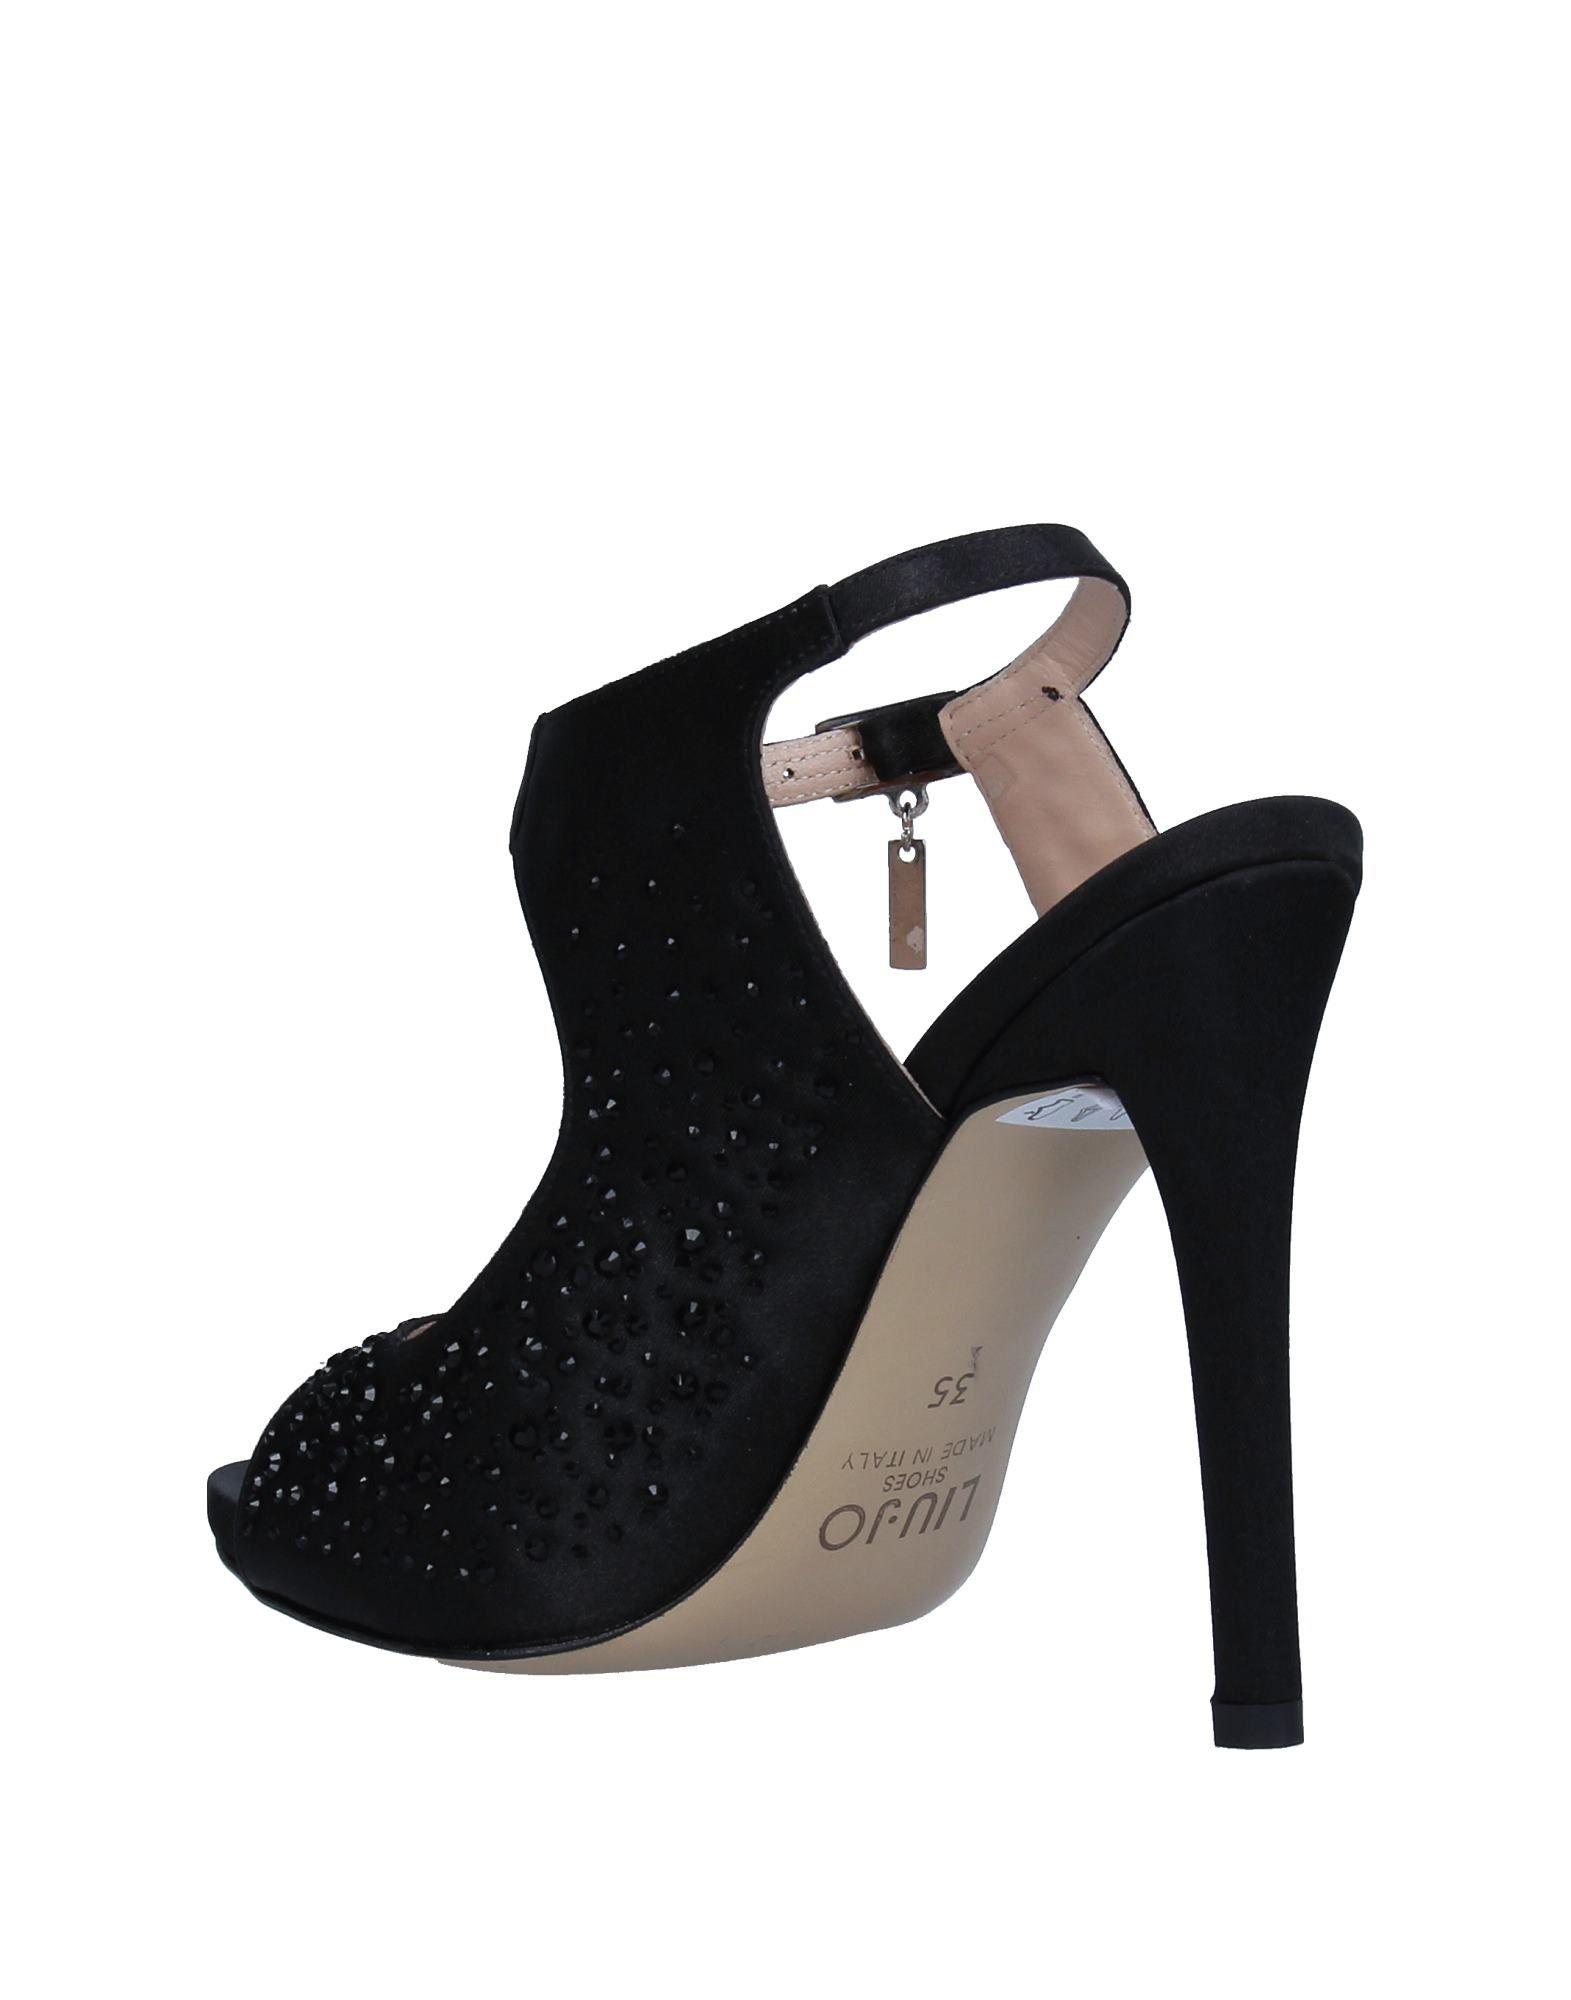 Sandali Liu •Jo Shoes - Donna - Shoes 11339078UN 056714